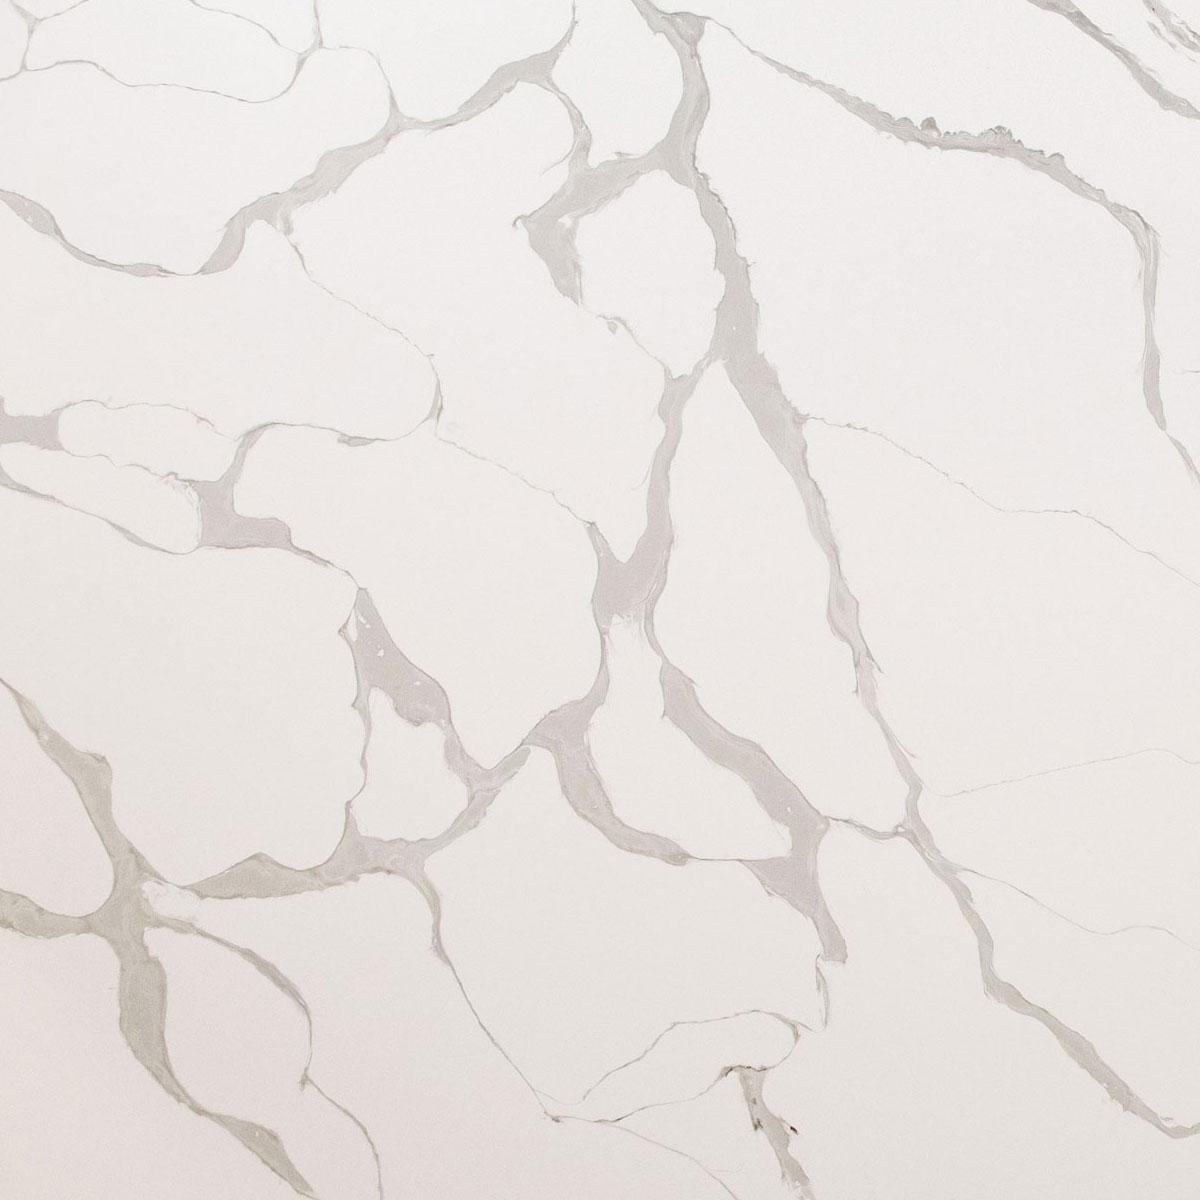 topquartz-blanco-estatuario-abastel